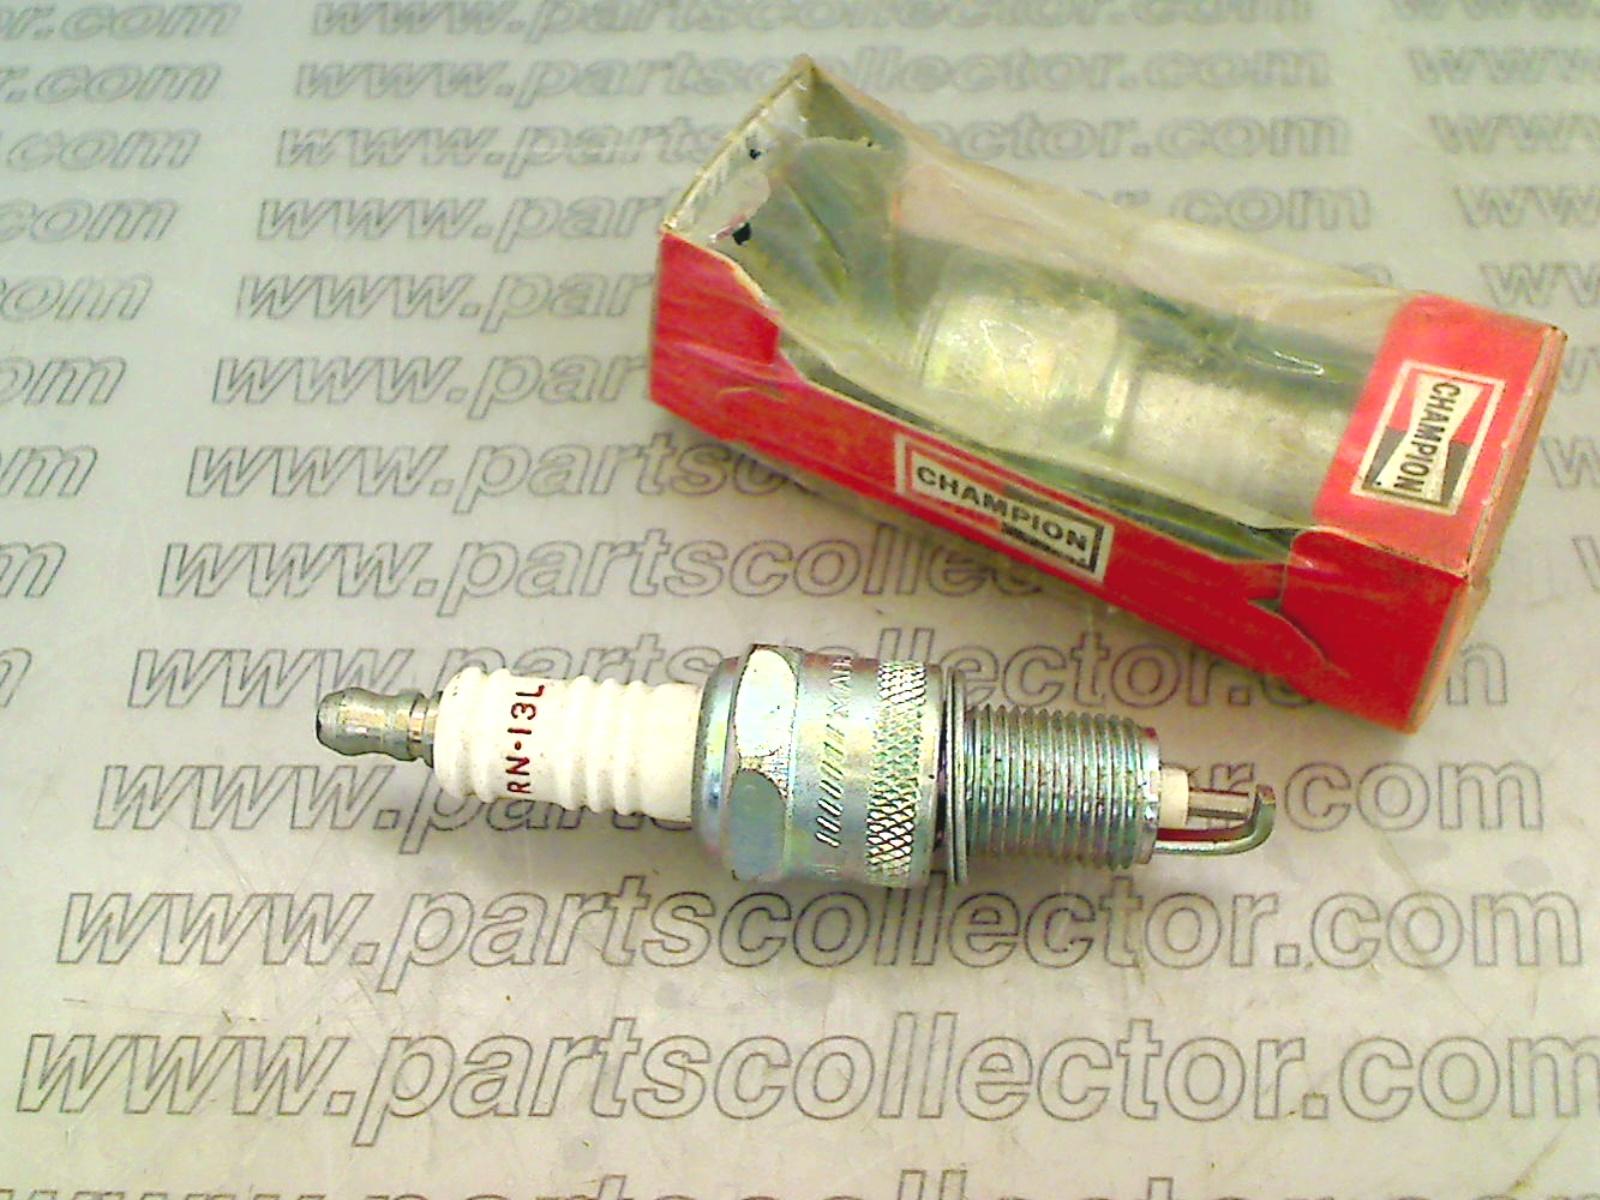 ceny odprawy kupować nowe dobra sprzedaż Partscollector